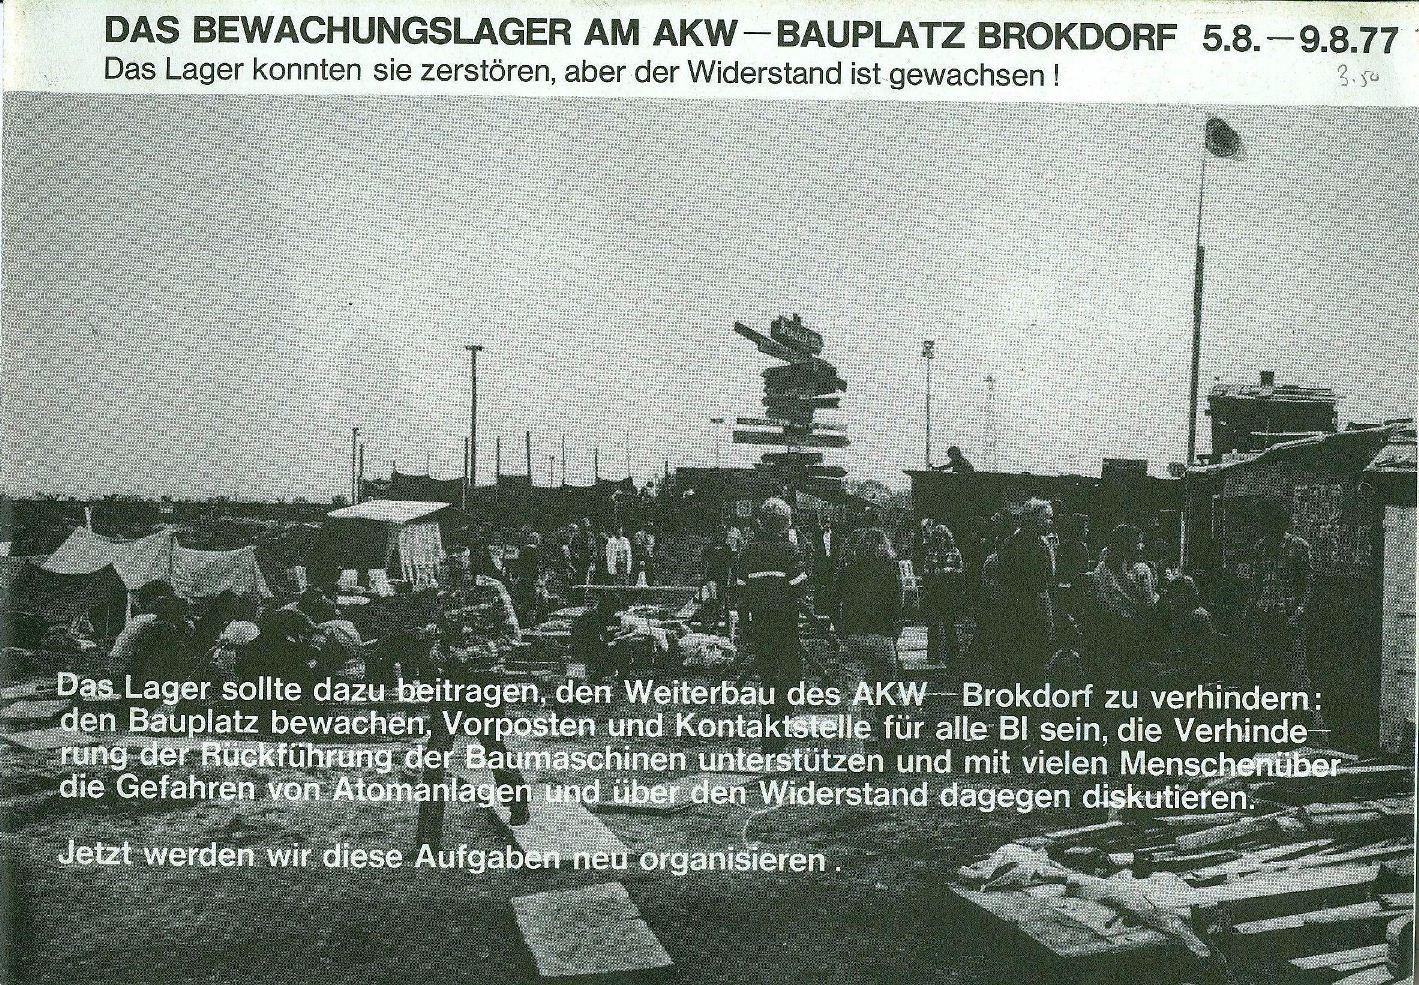 Brokdorf_Bewachungslager001